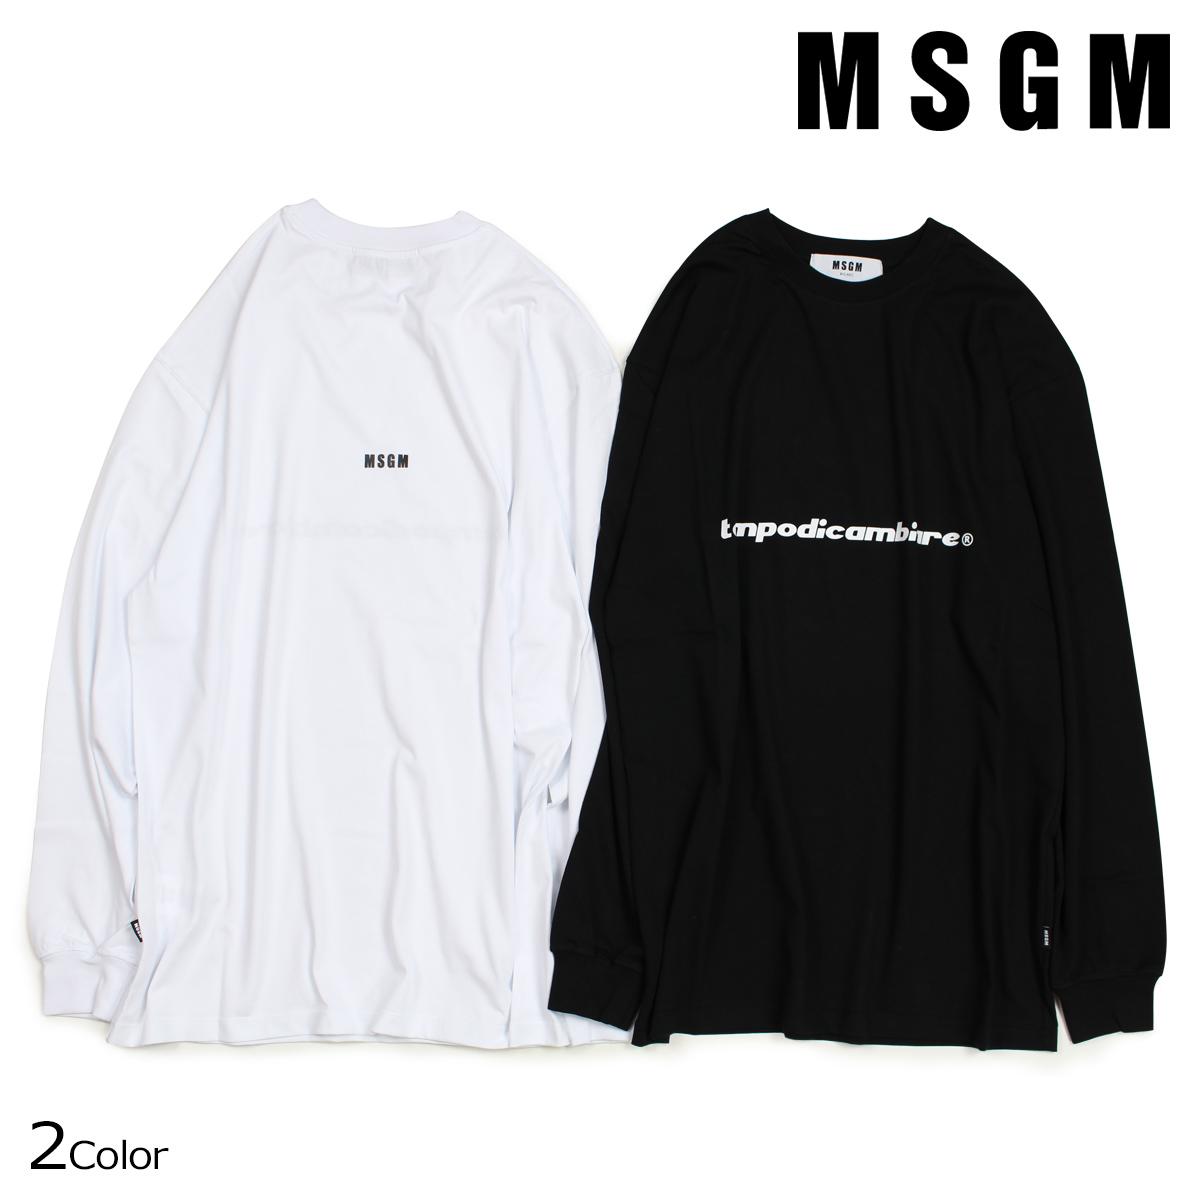 エムエスジーエム MSGM Tシャツ メンズ 長袖 TEMPODICAMBIARE LONG SLEEVE T-SHIRT WITH PRINT MSGM ブラック ホワイト 2540MM90 184798